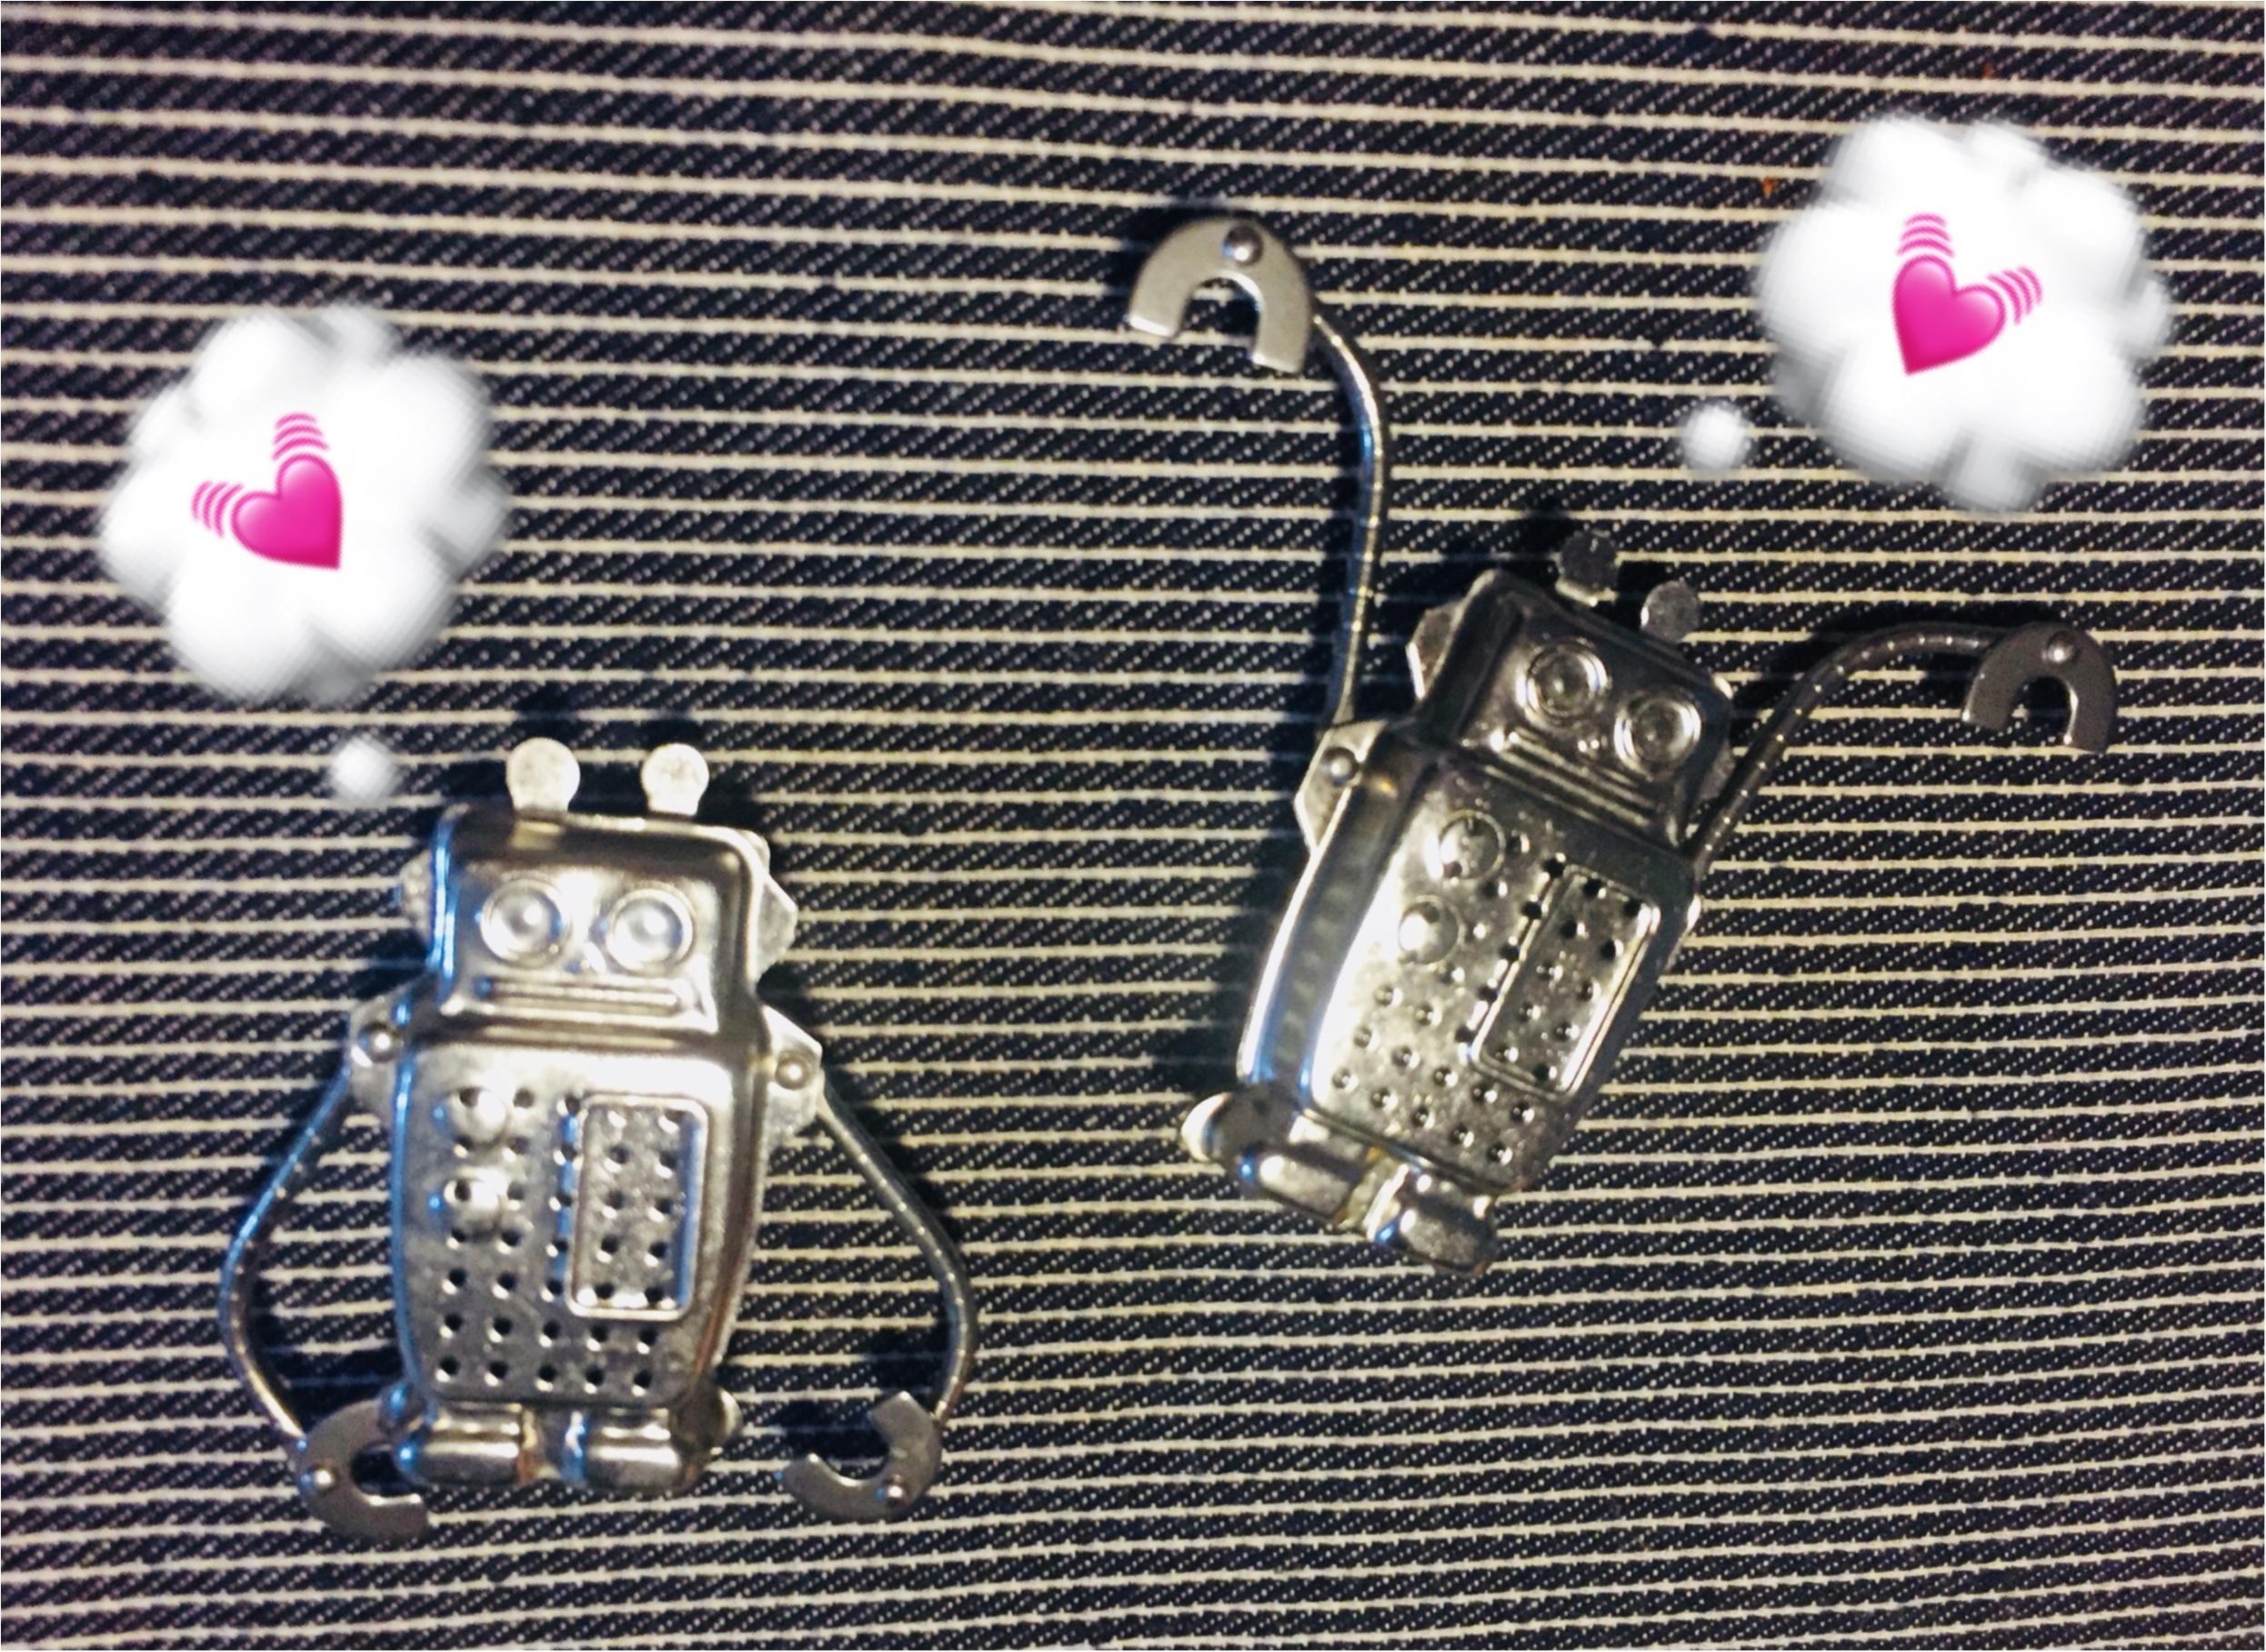 《ティータイムが楽しくなる❤︎》可愛いロボット型『ティーインフューザー』をGETしてきました!_1